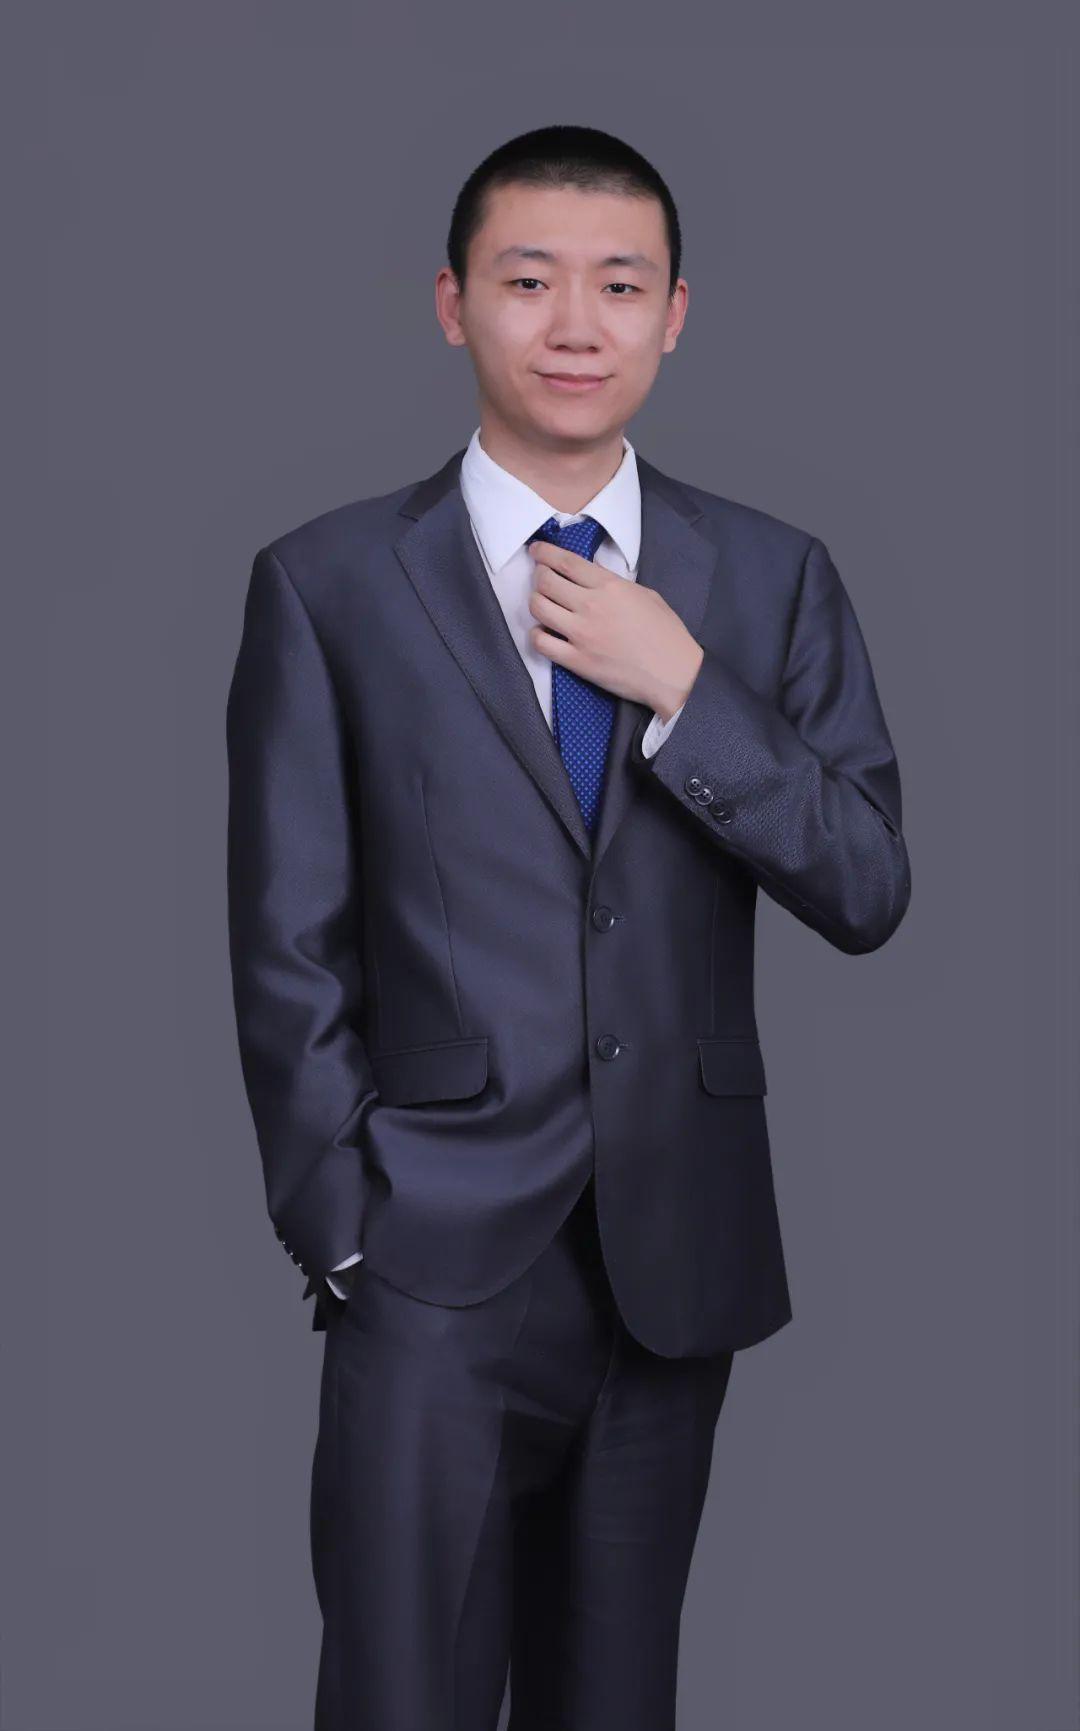 【银河医药孟令伟/刘晖】公司点评丨云南白药 (000538):消费龙头地位稳固,多元化拓宽领域